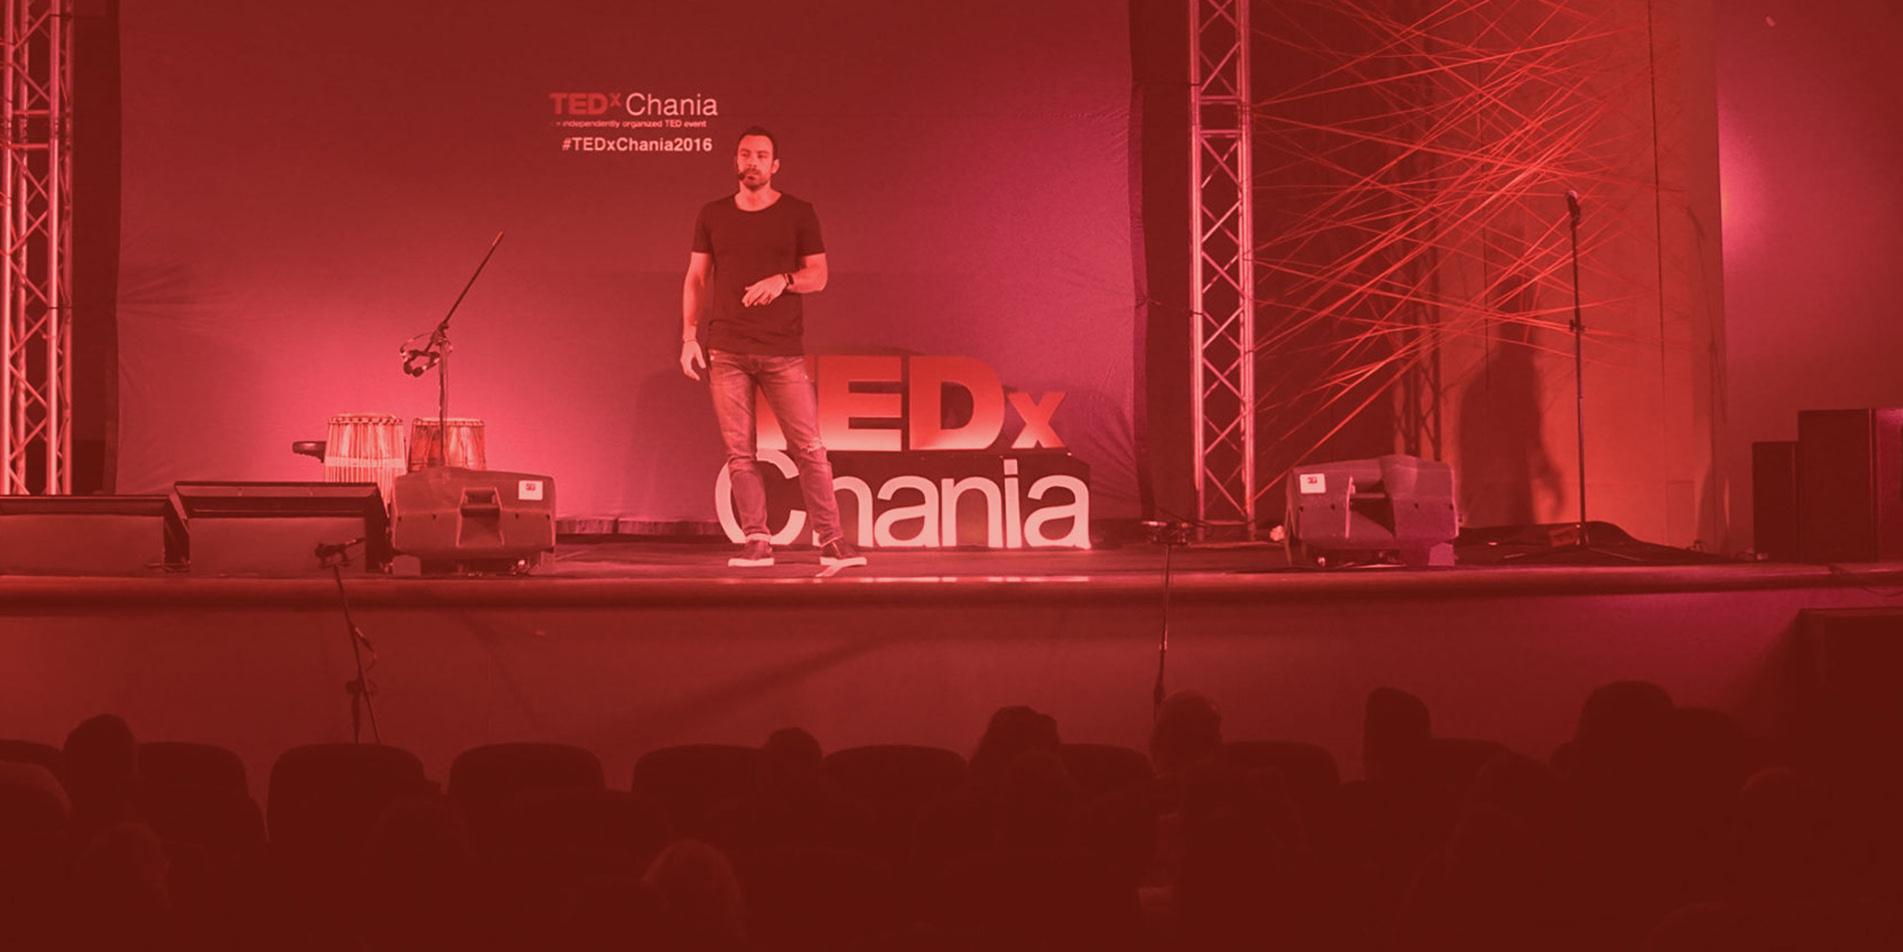 TEDxChania casestudy